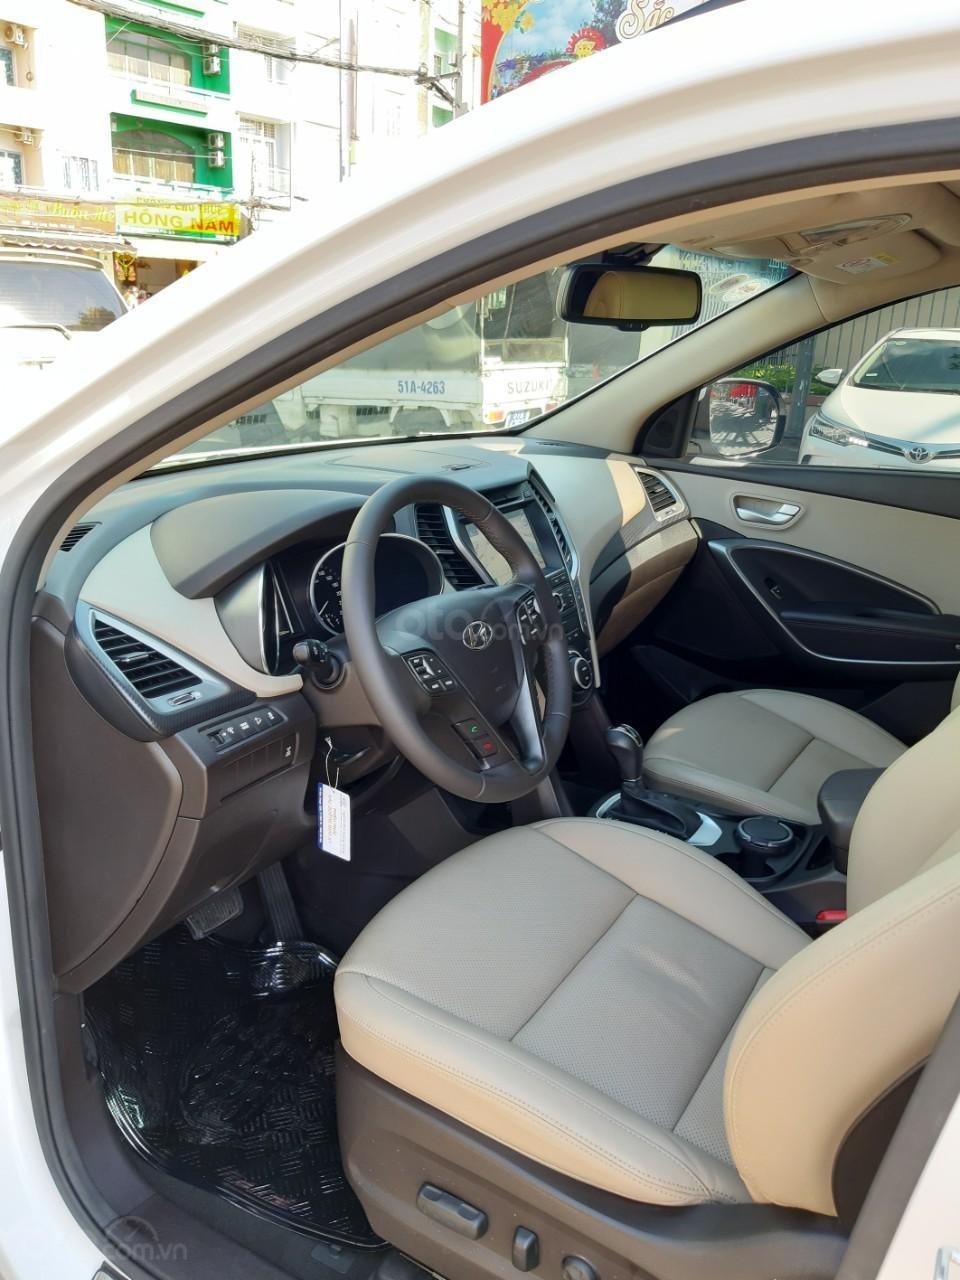 Hyundai Santa Fe CRDi model 2017, màu trắng, nhập khẩu còn mới toanh, full option loại cao cấp nhất, 1 tỷ 50tr-11